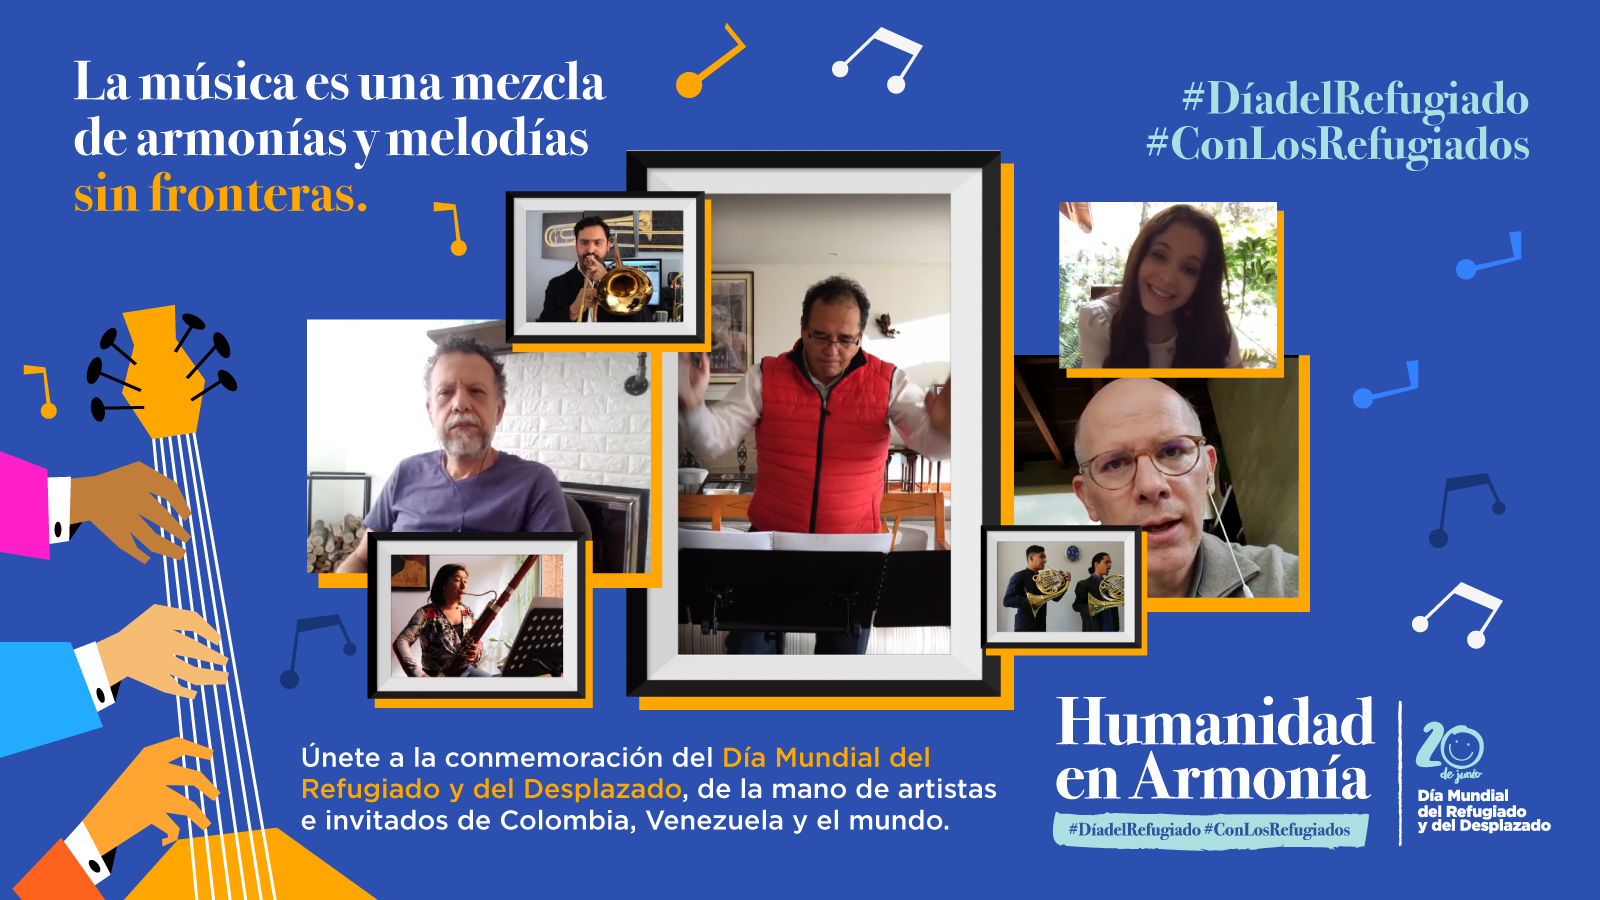 En vivo | Humanidad en Armonía, un encuentro musical de integración